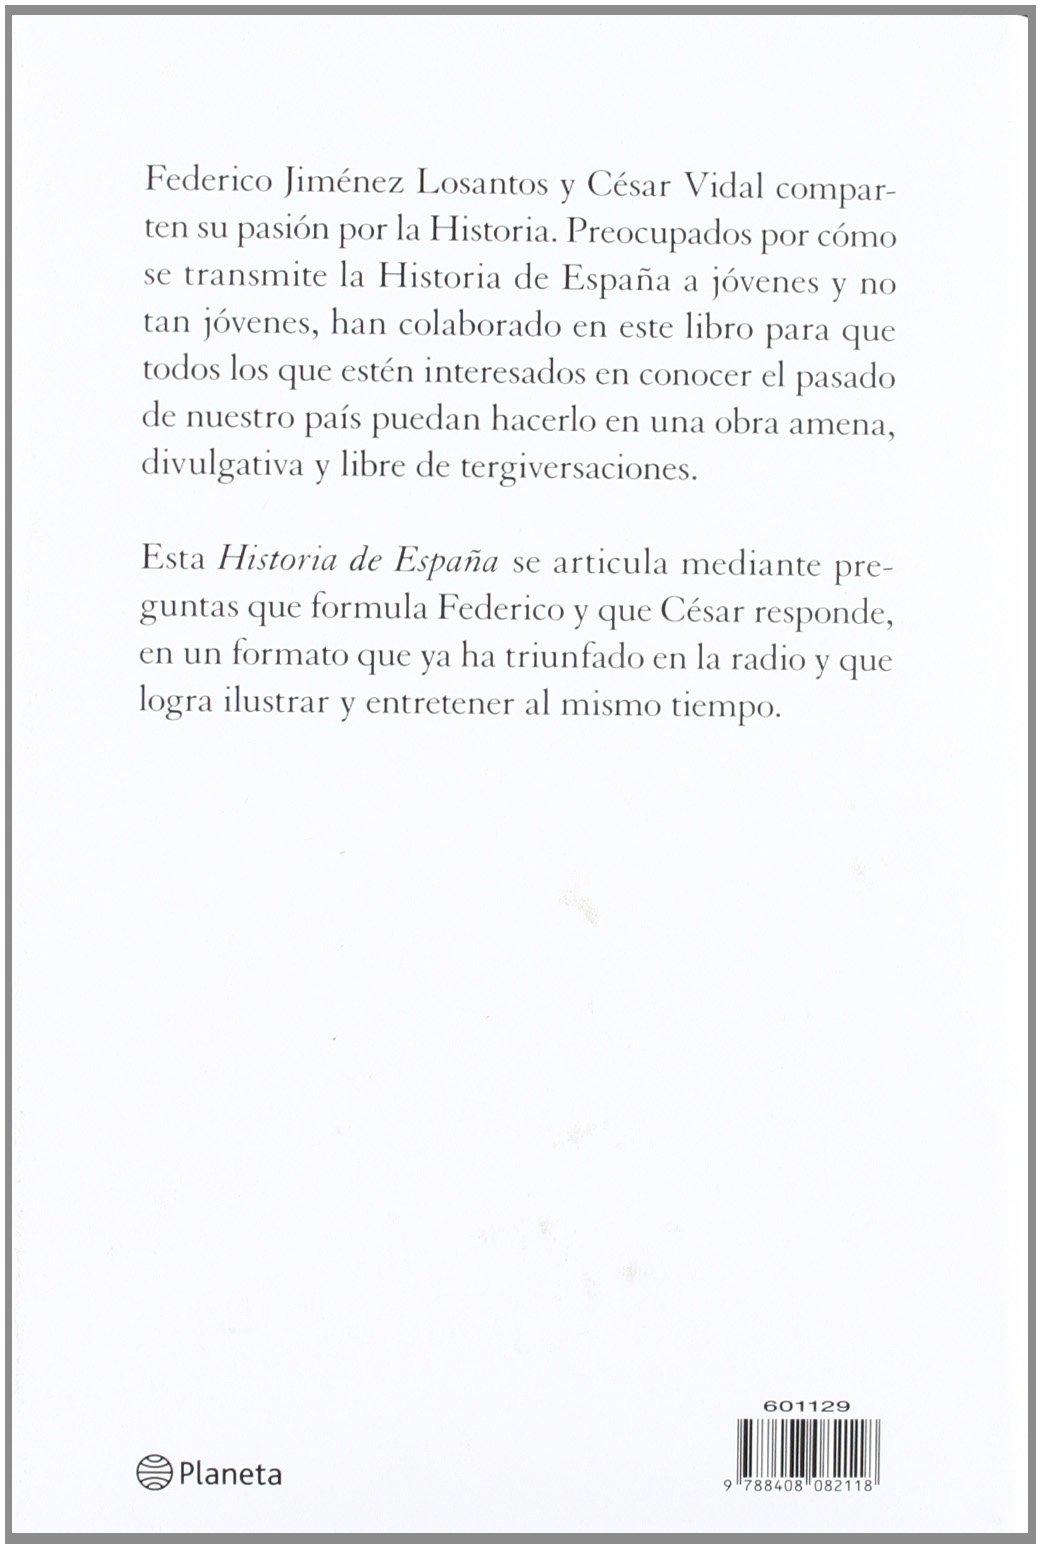 Historia de España ((Fuera de colección)): Amazon.es: Vidal, César, Jiménez Losantos, Federico: Libros